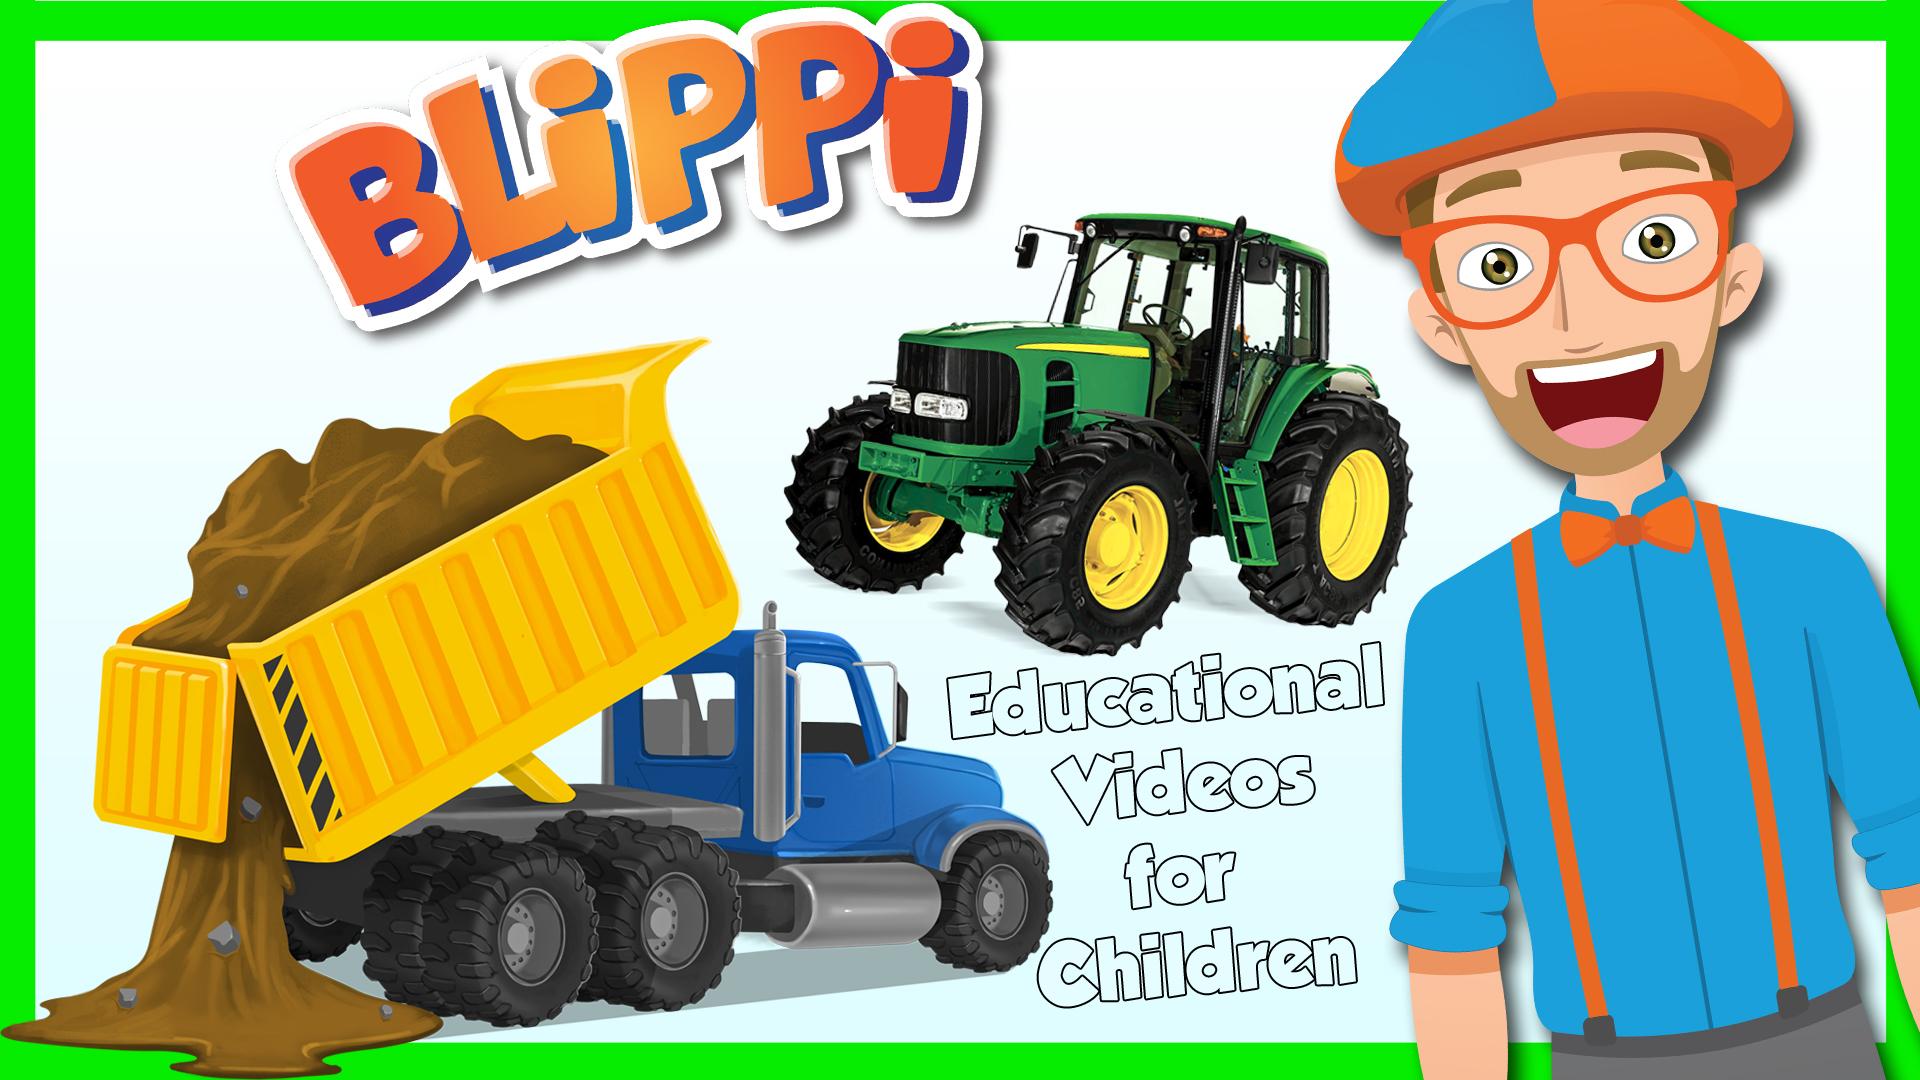 Blippi - Educational Videos for Children